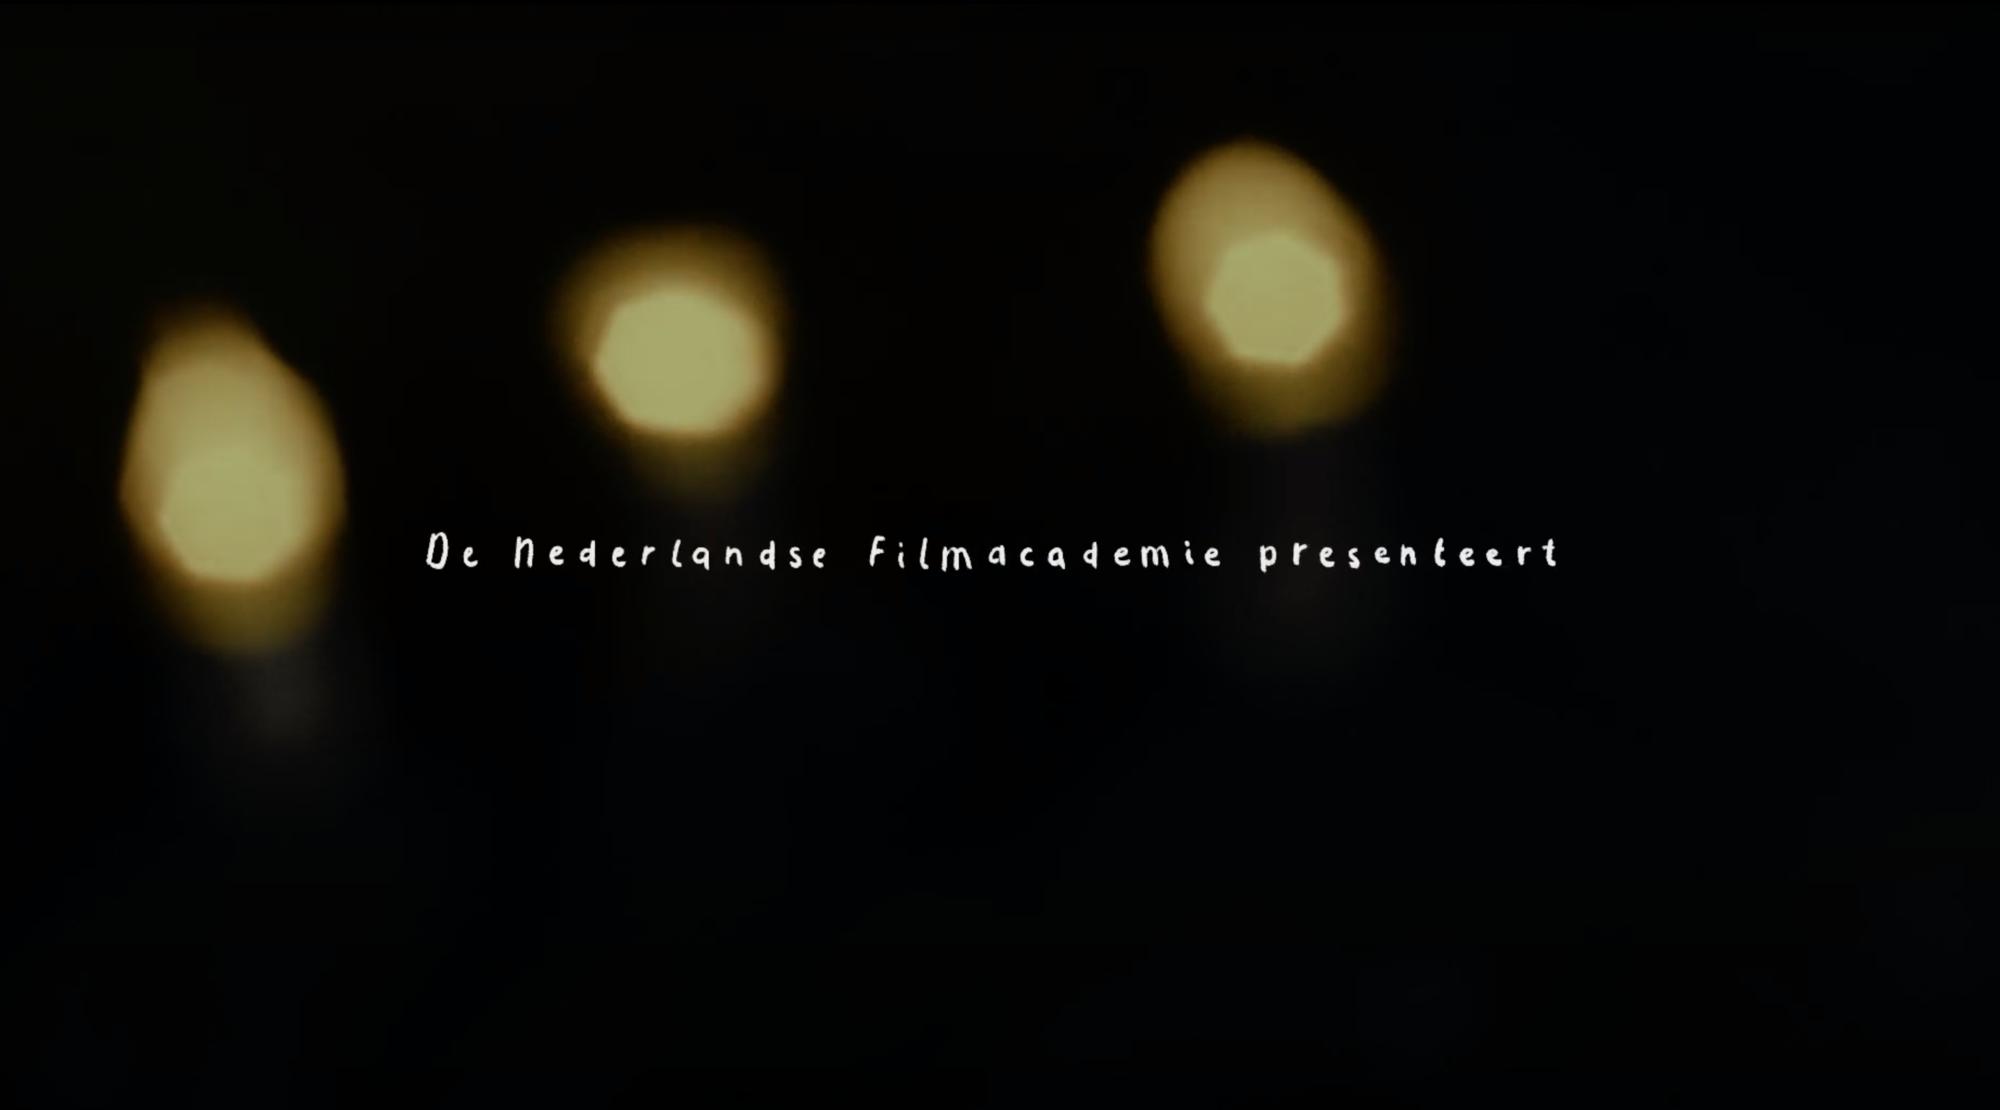 Nacht van de Nederlandse Filmacademie